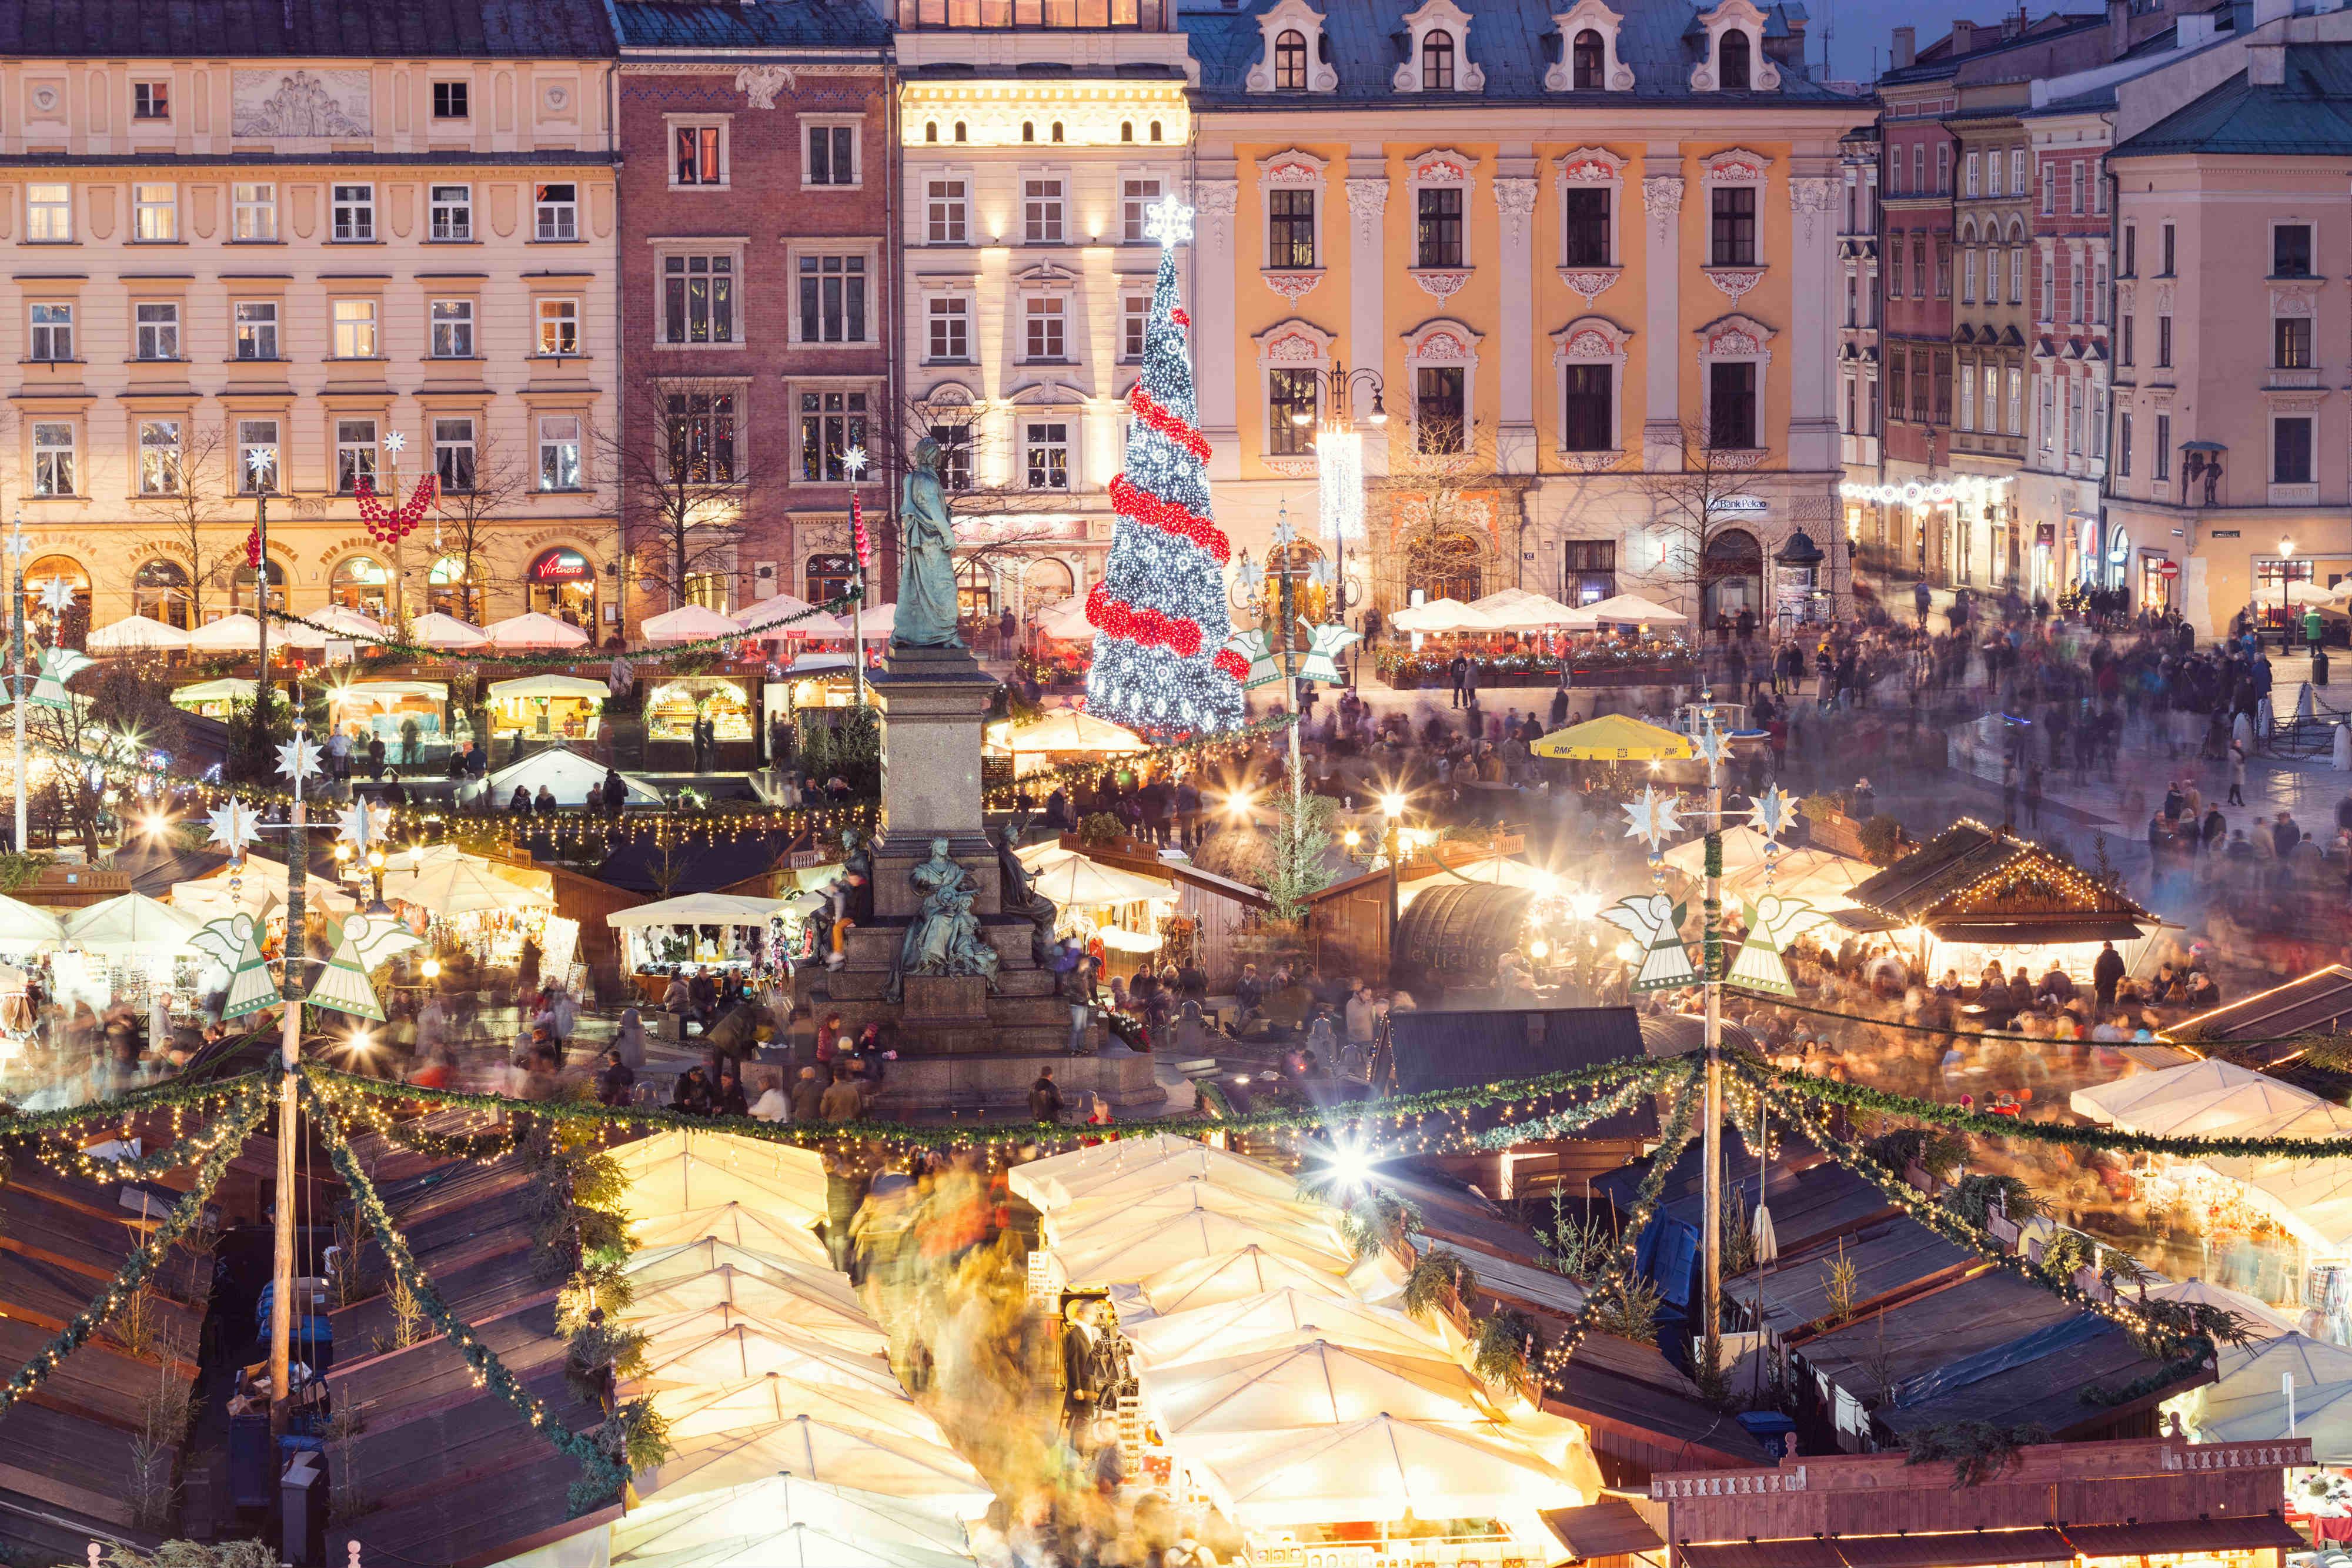 séjour noël original - Pologne